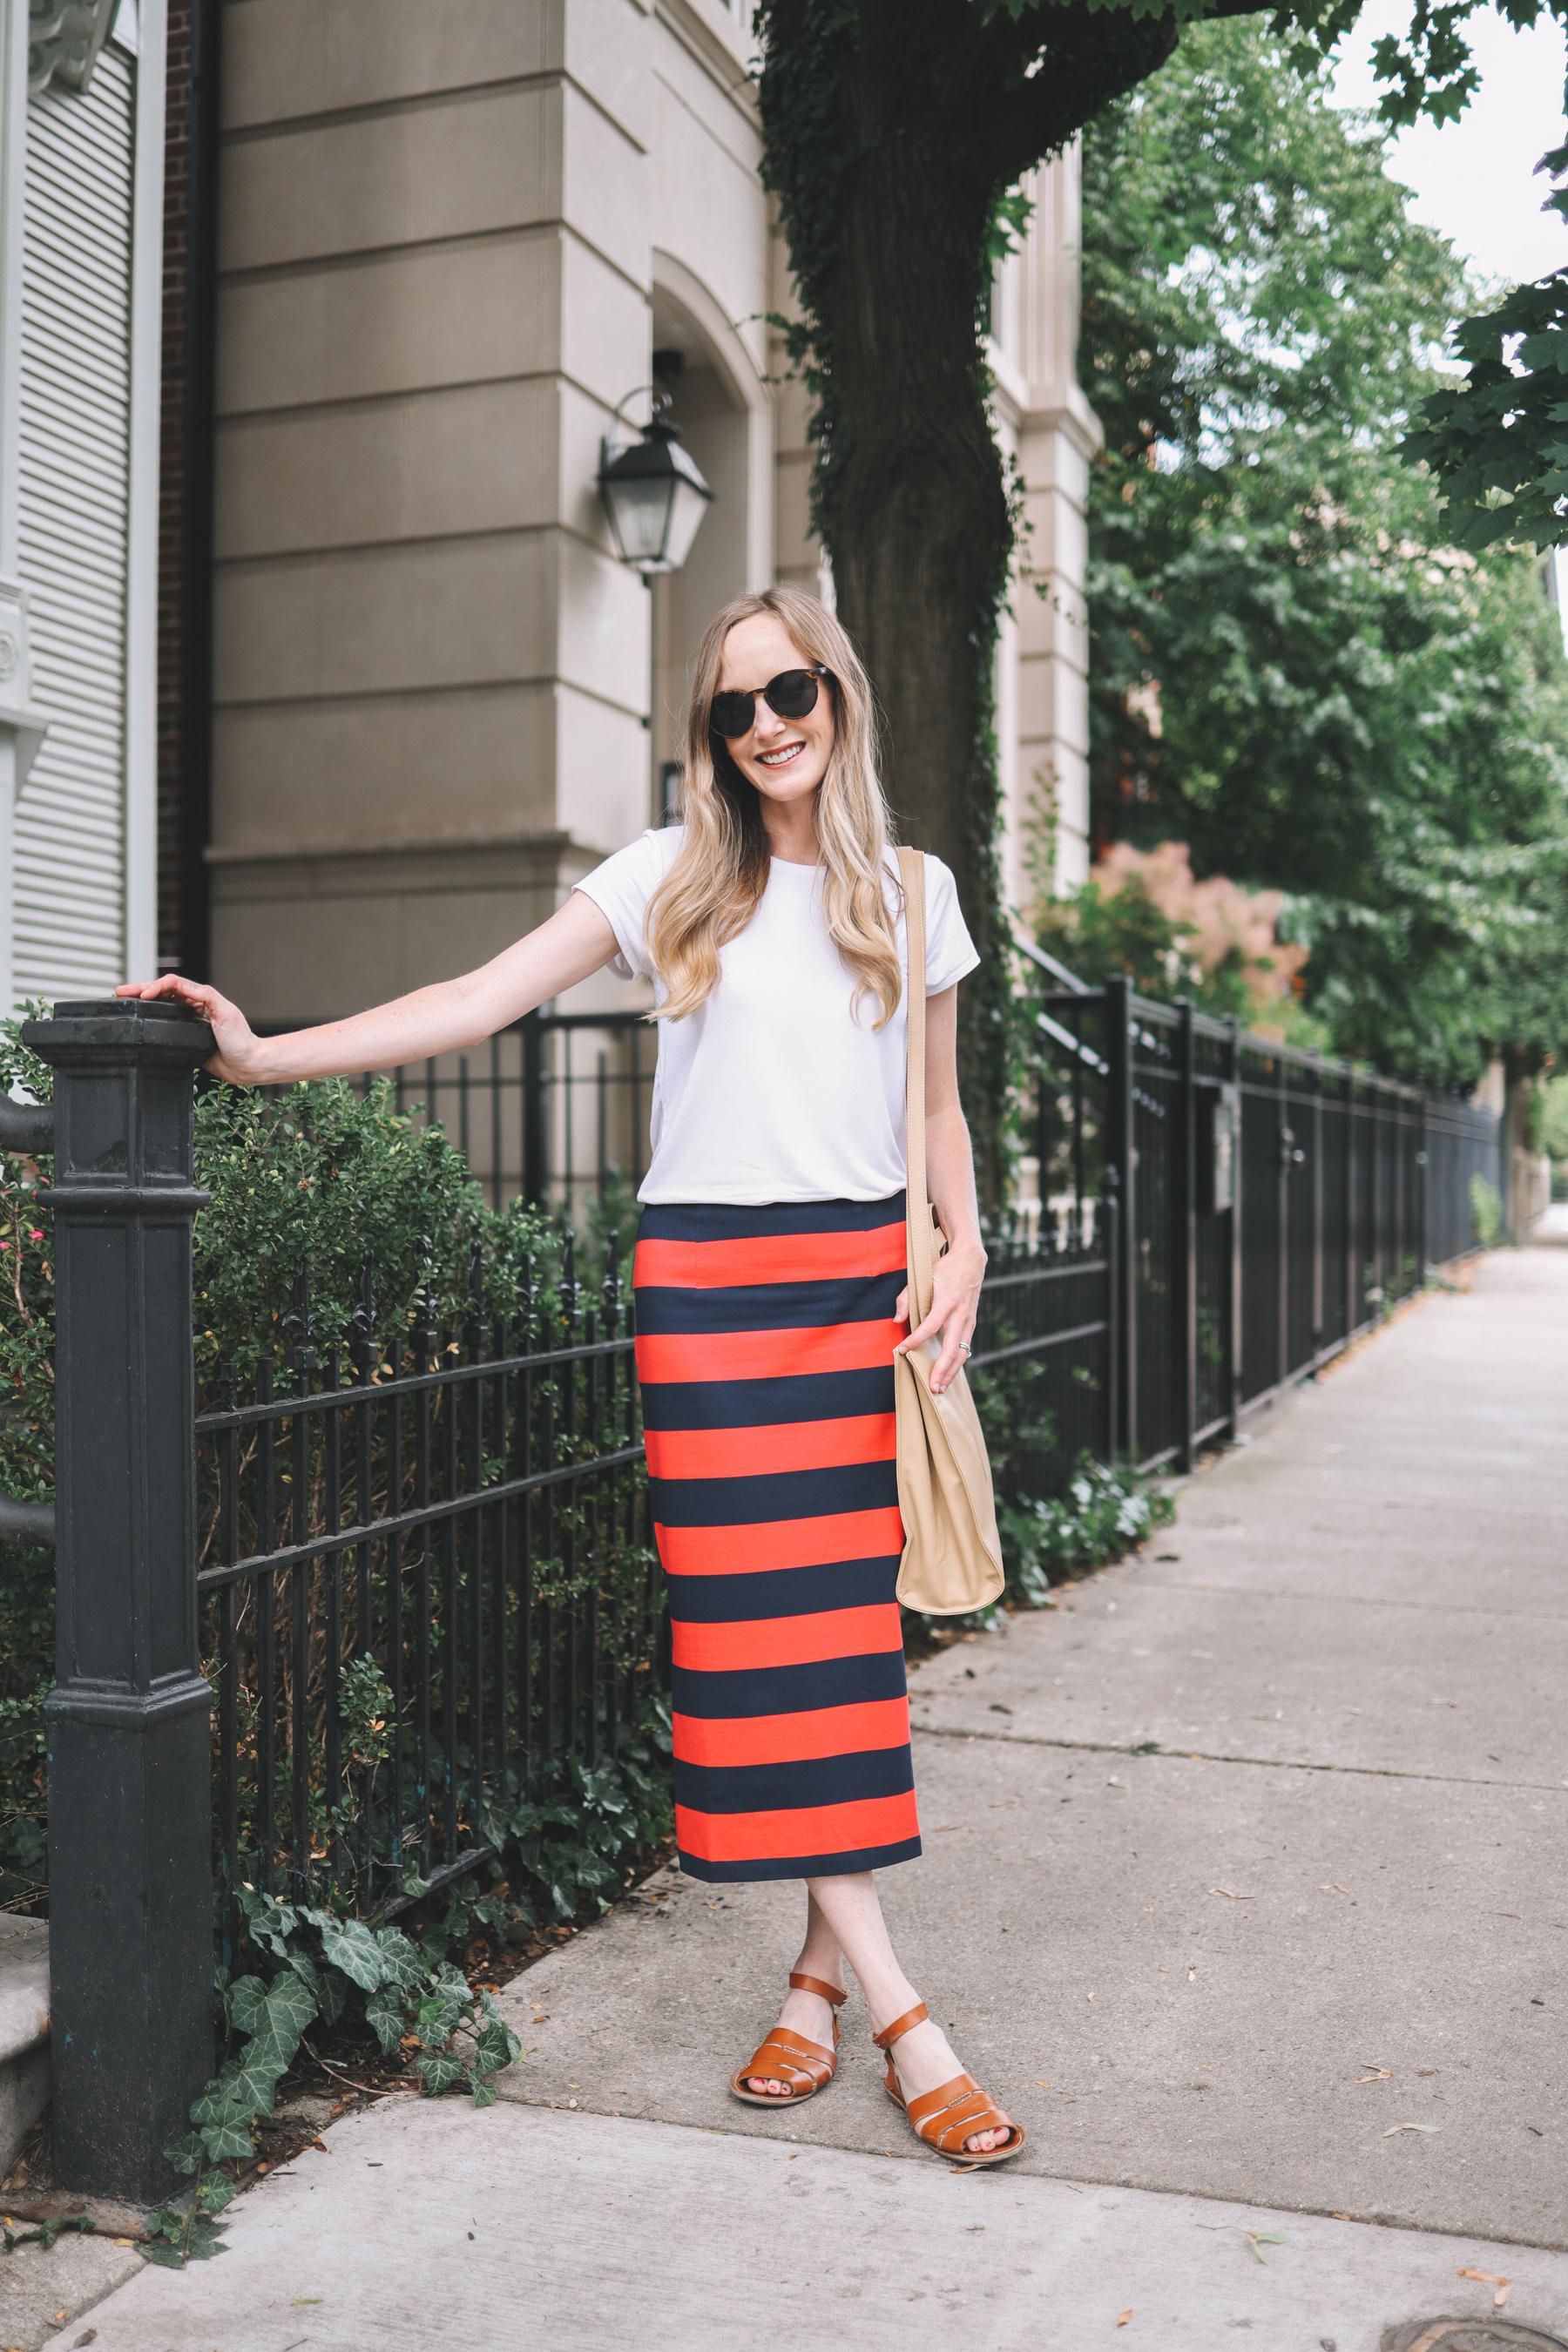 J.Crew Knit Pencil Skirt